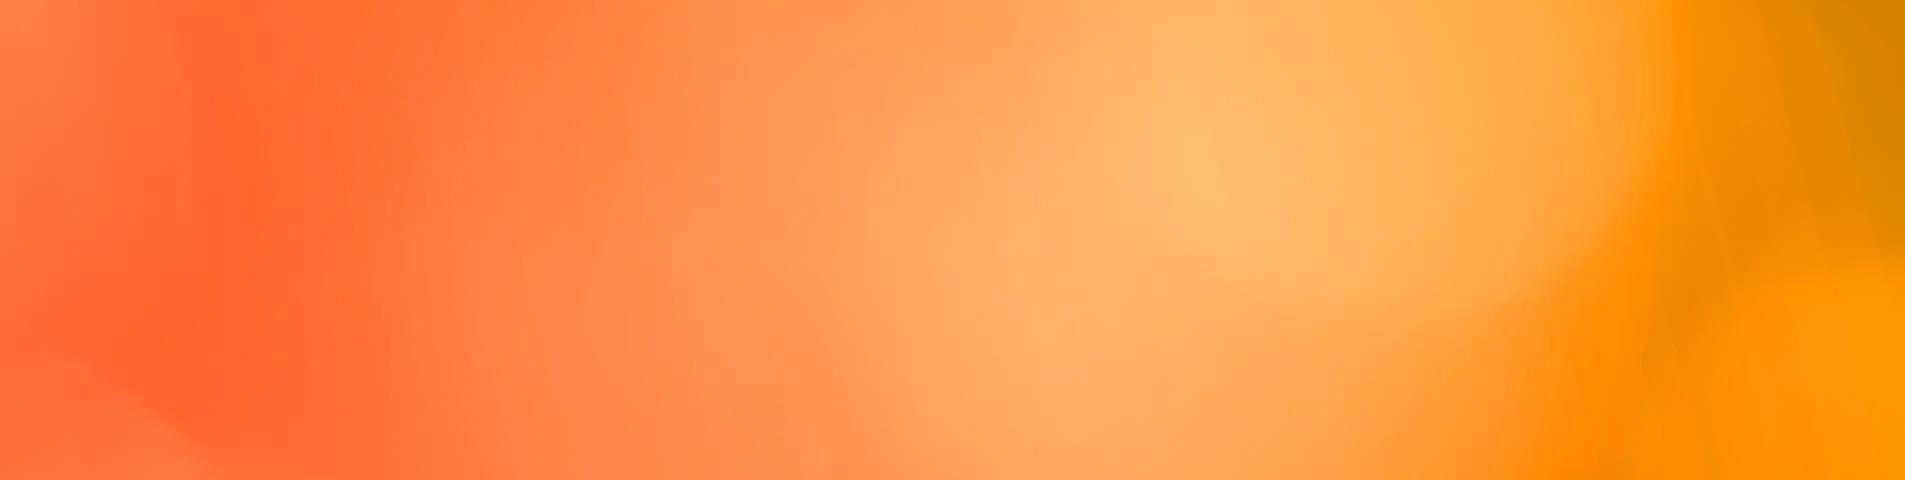 Maak eigen oranjeproducten!